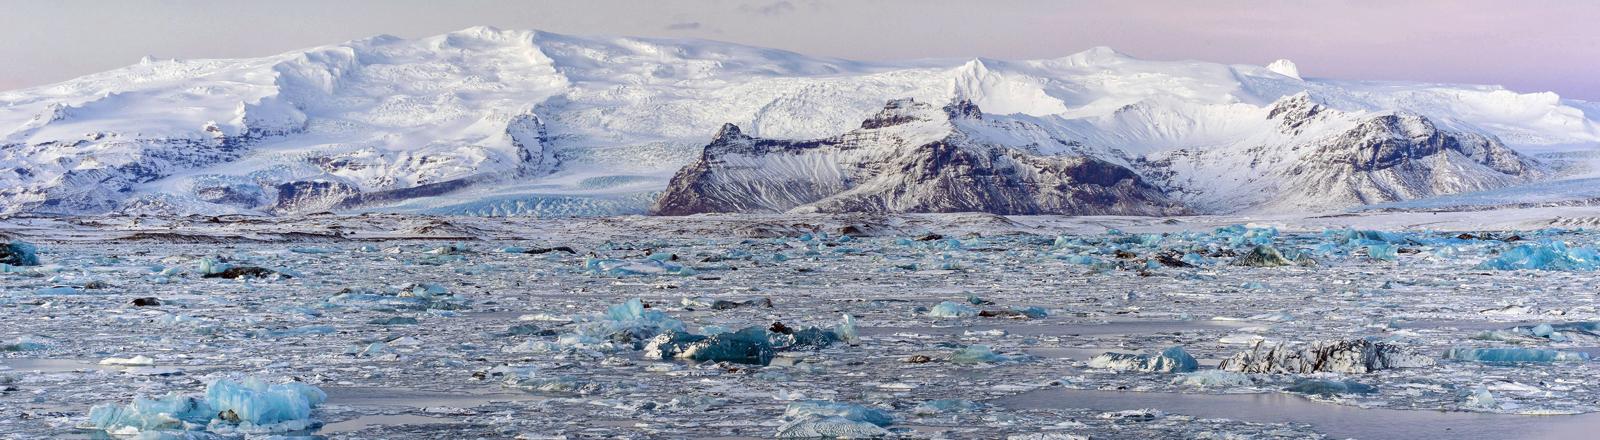 Eine Gletscherlandschaft.